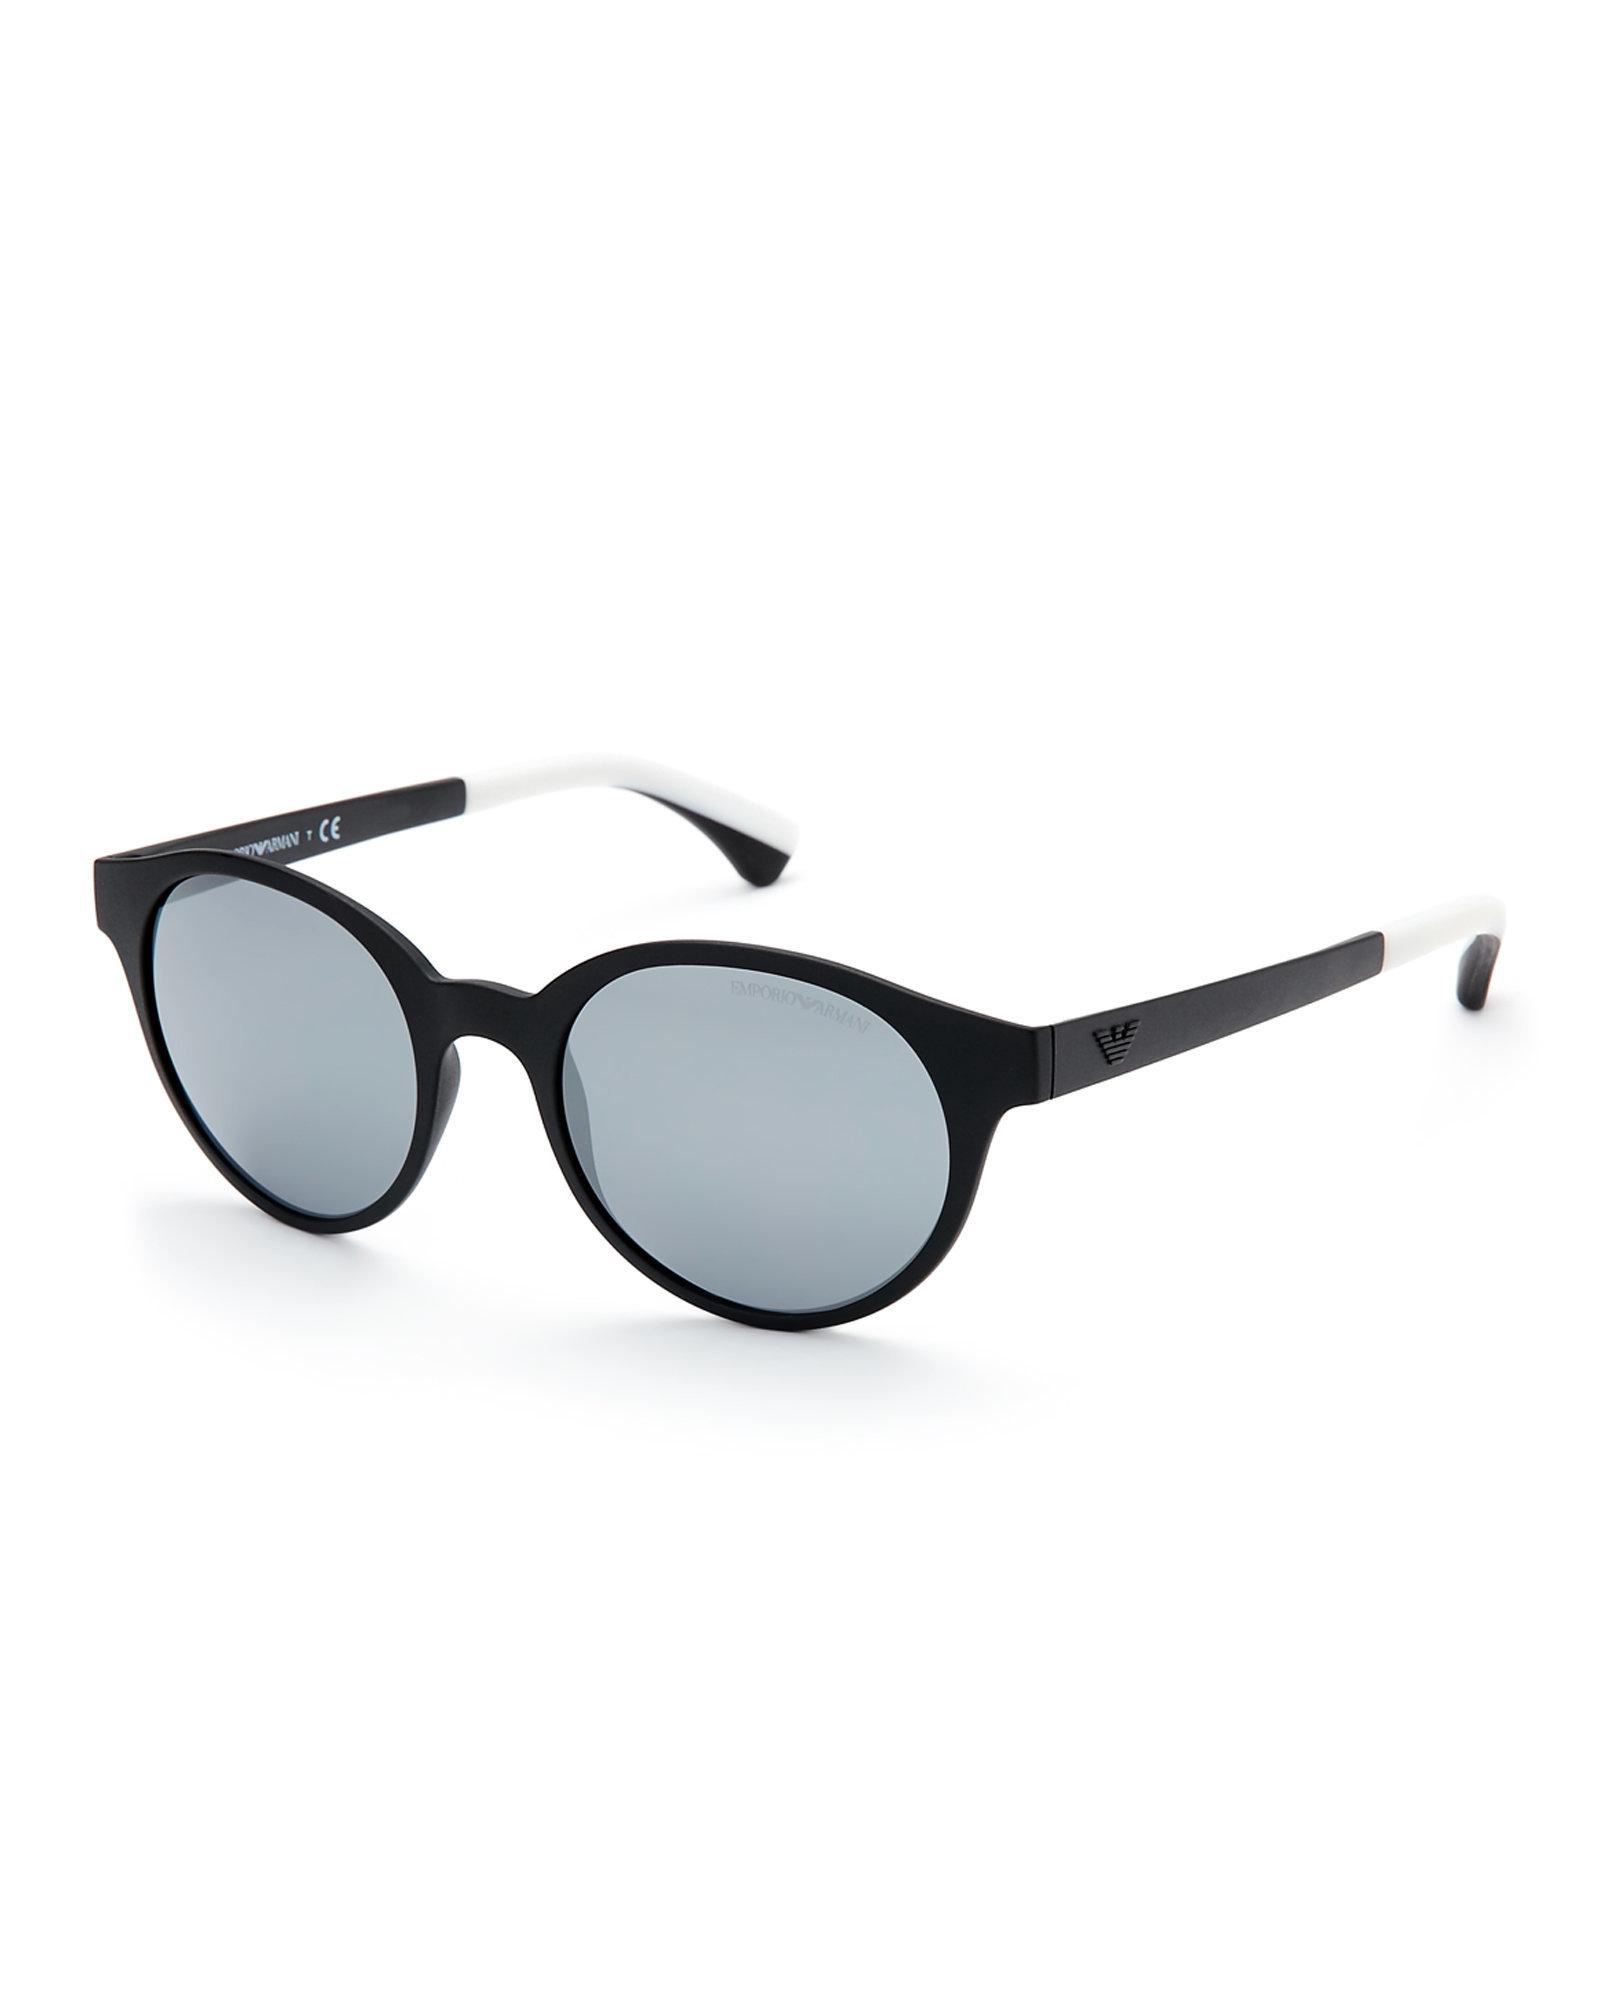 ce5d6db65529 Emporio armani Black Ea 4045 Retro Round Sunglasses in Gray for Men